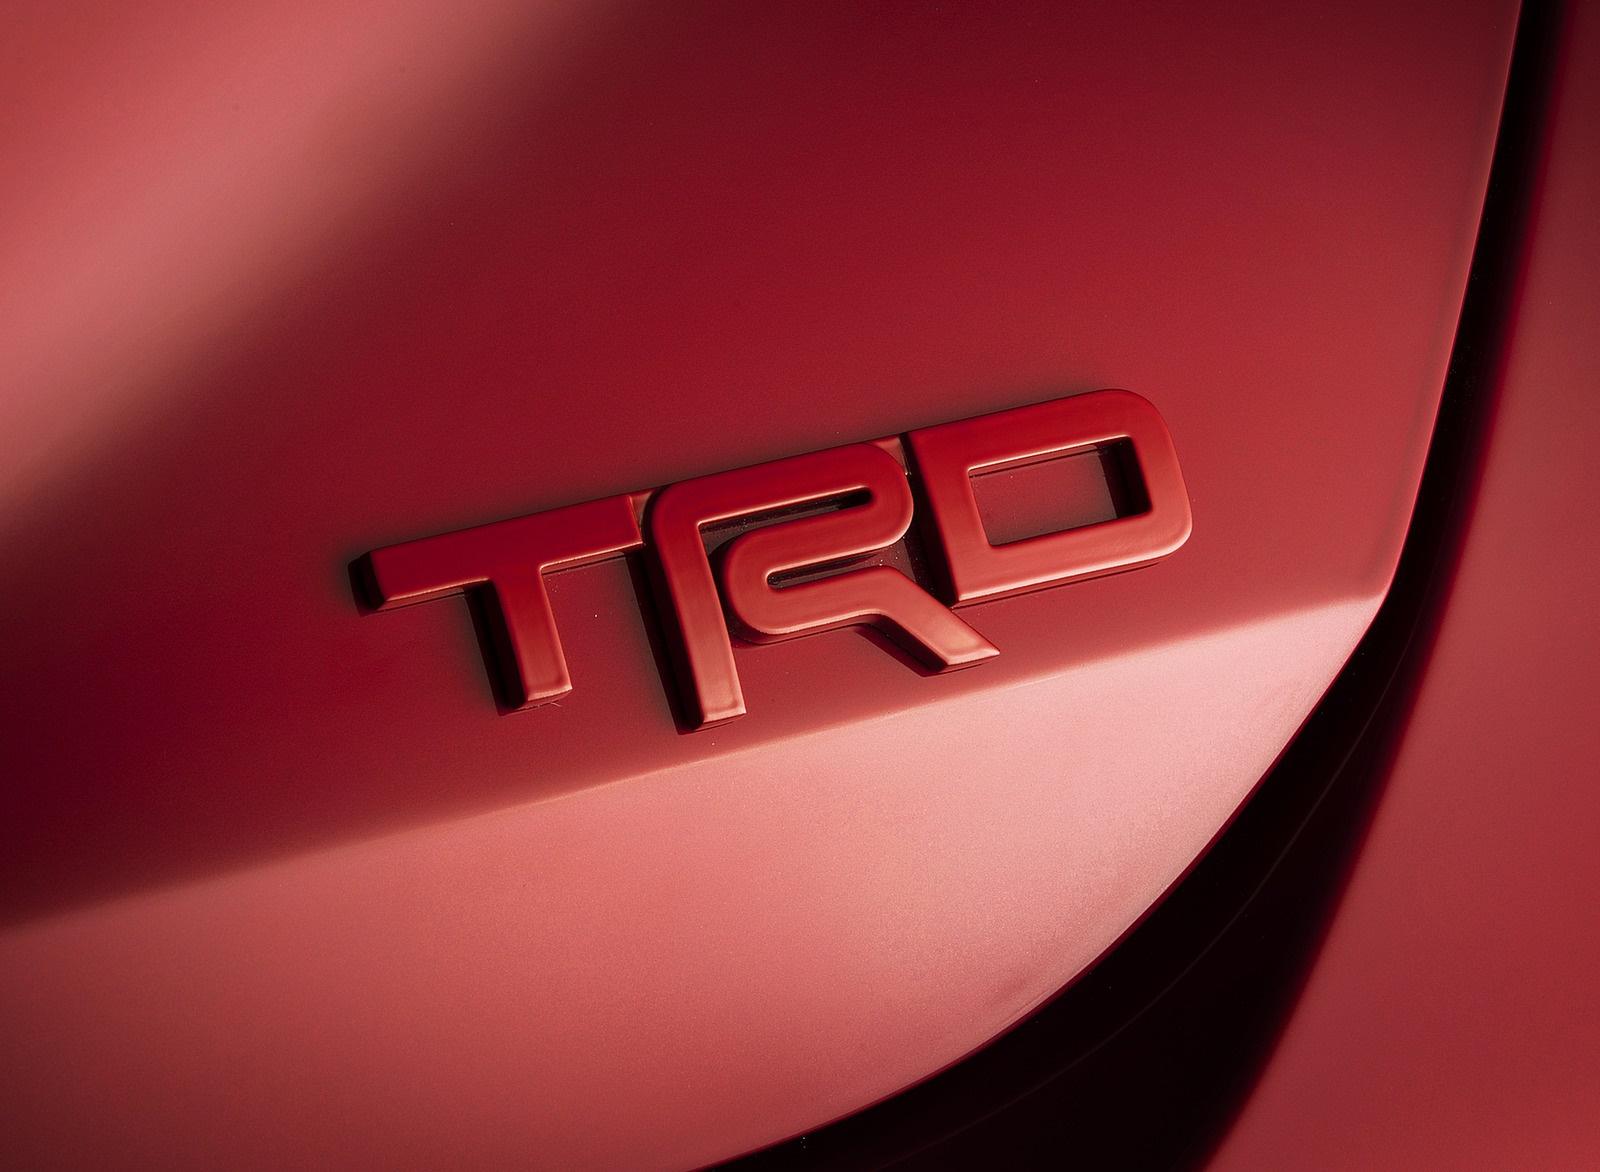 2020 Toyota Avalon TRD Badge Wallpaper (11)